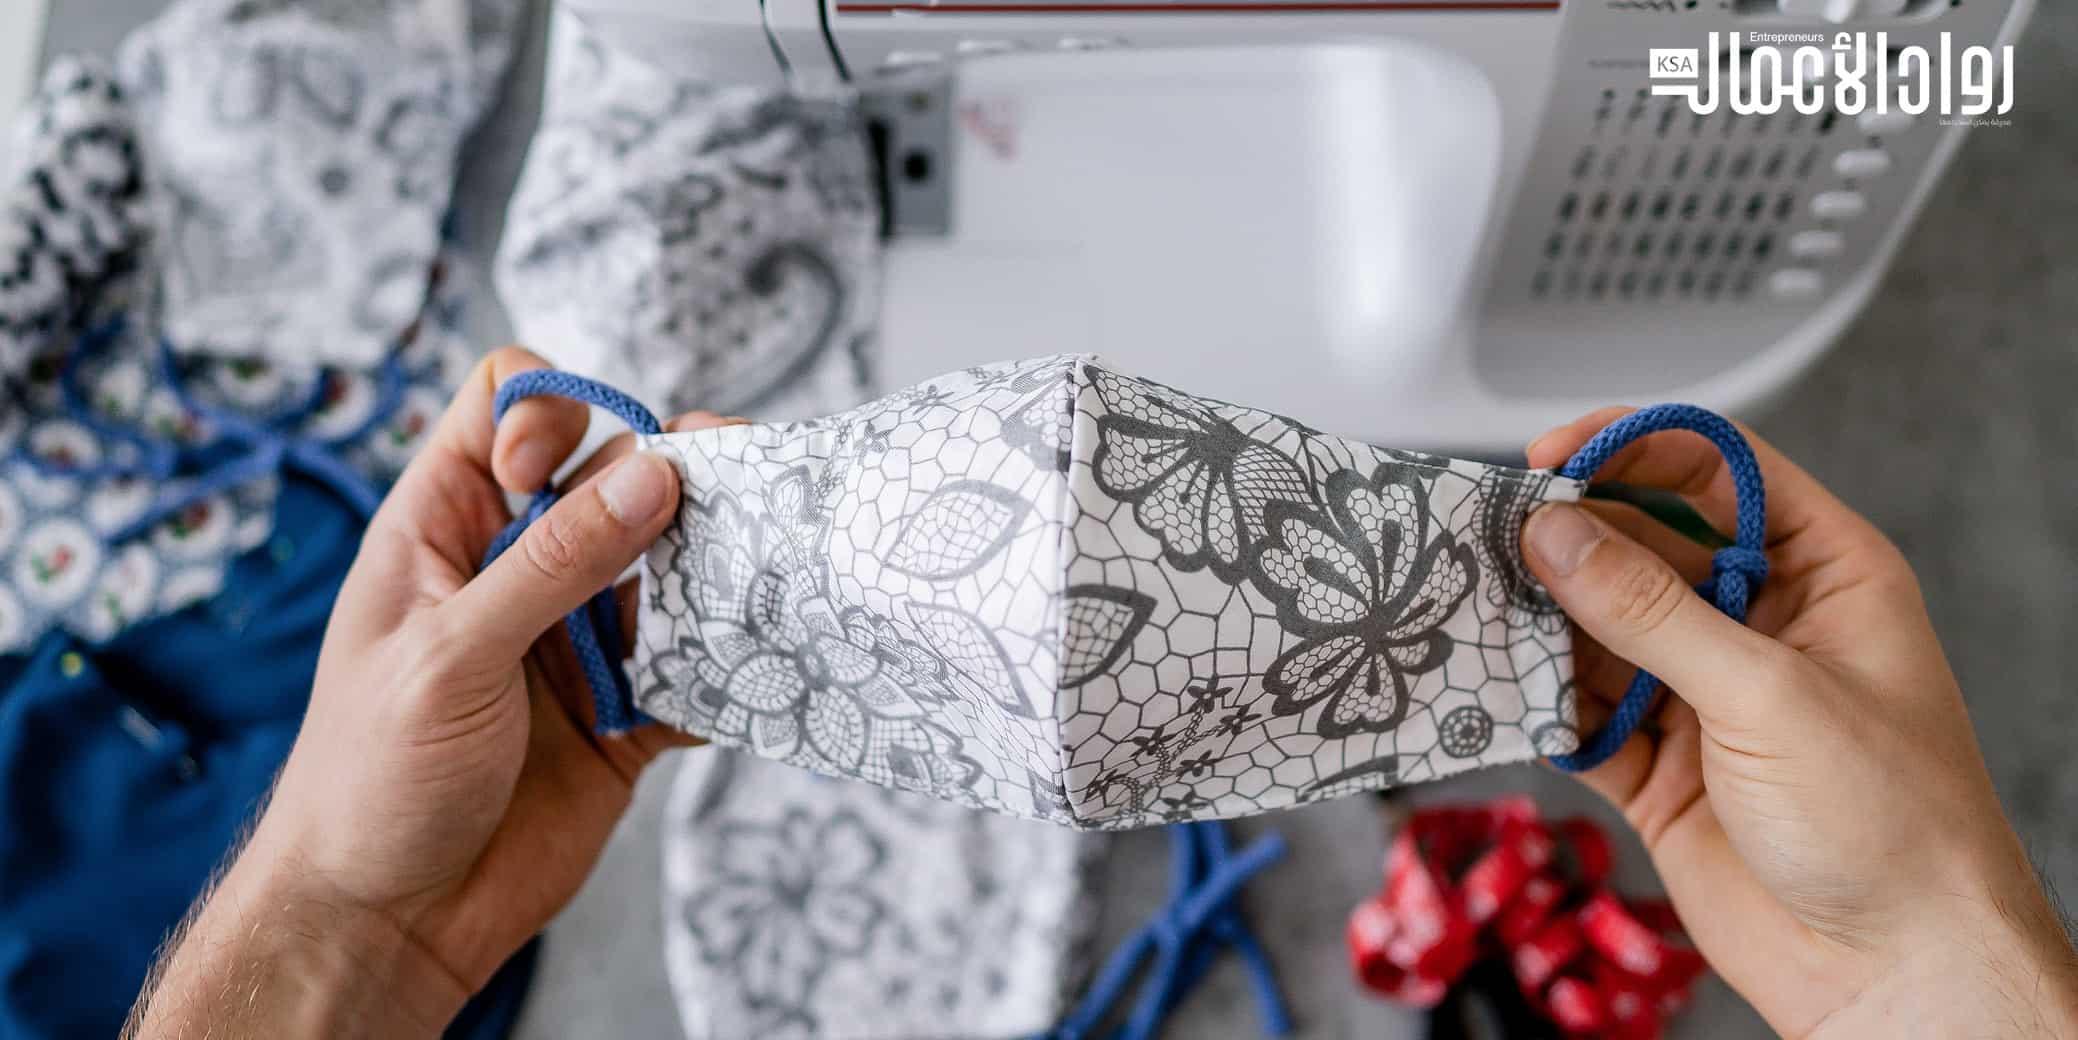 مشروع تصنيع الكمامات